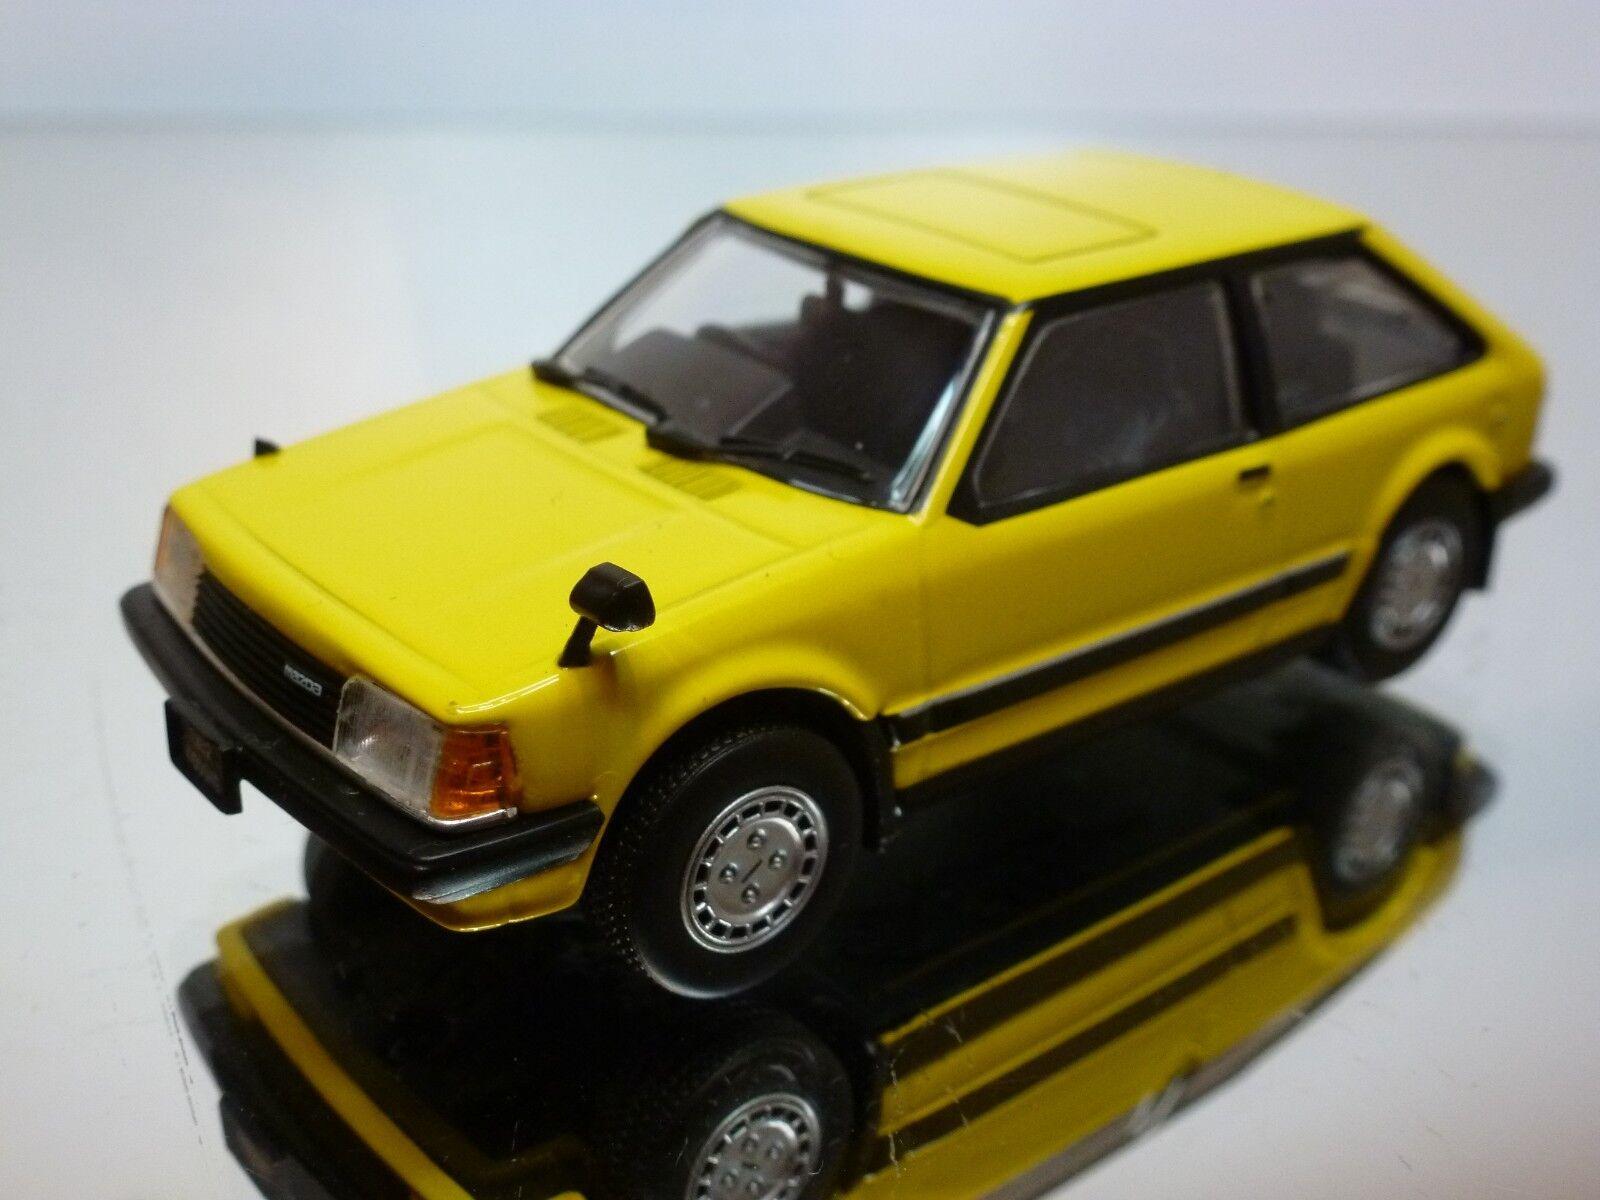 SAPI MODELS MAZDA FAMILIA 1500 XG 1982  -  jaune 1 43  - EXCELLENT - 31  sélectionnez parmi les dernières marques comme